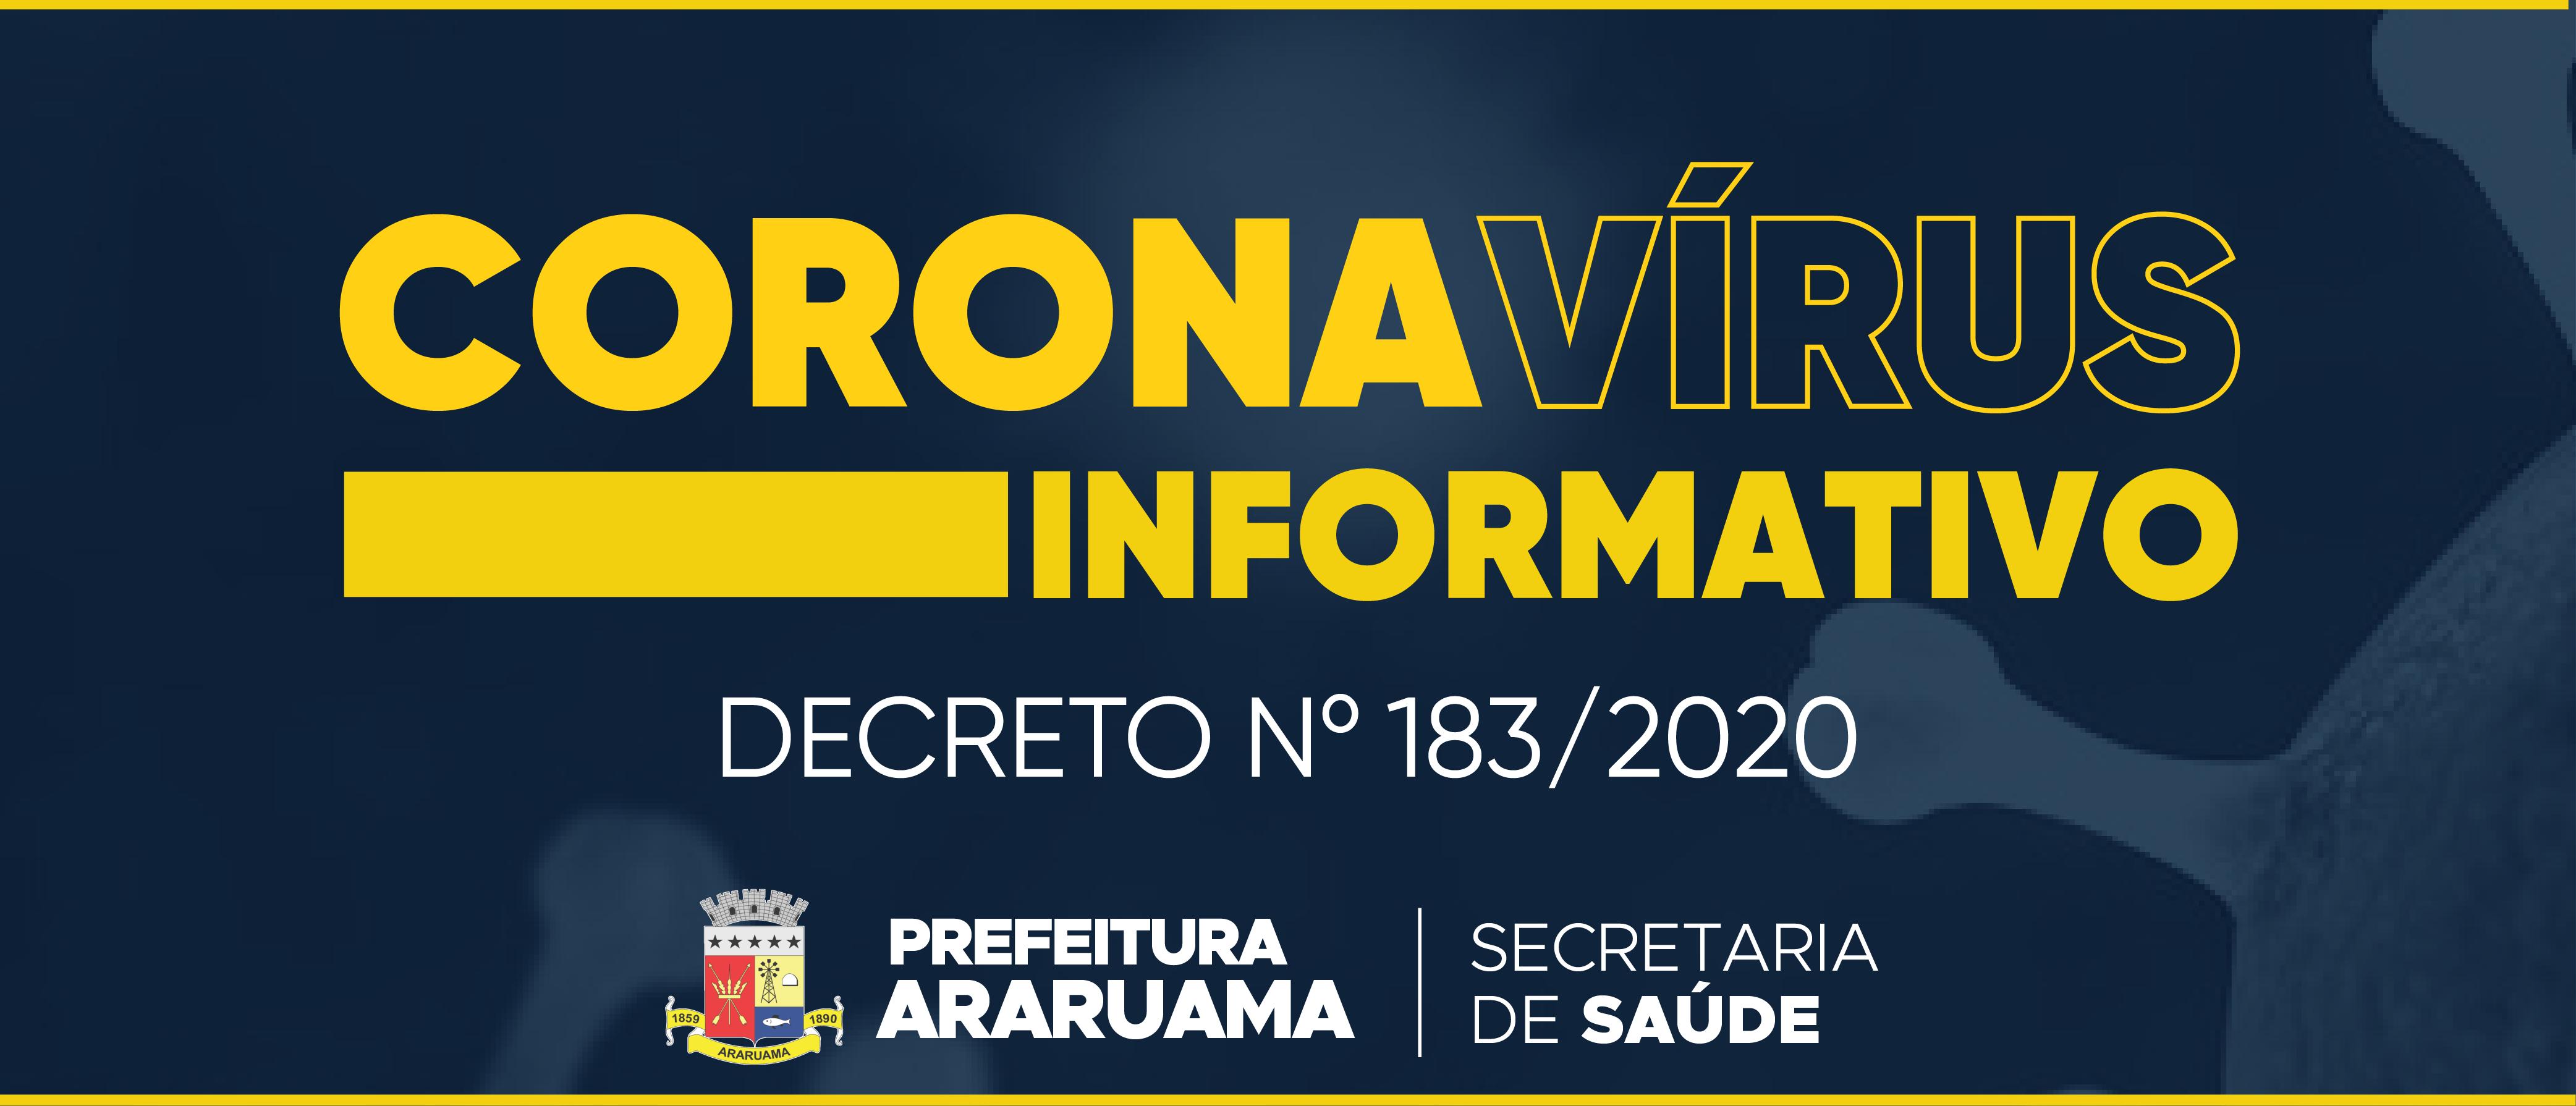 Prefeitura de Araruama publica decreto sobre flexibilização parcial das atividades econômicas do município